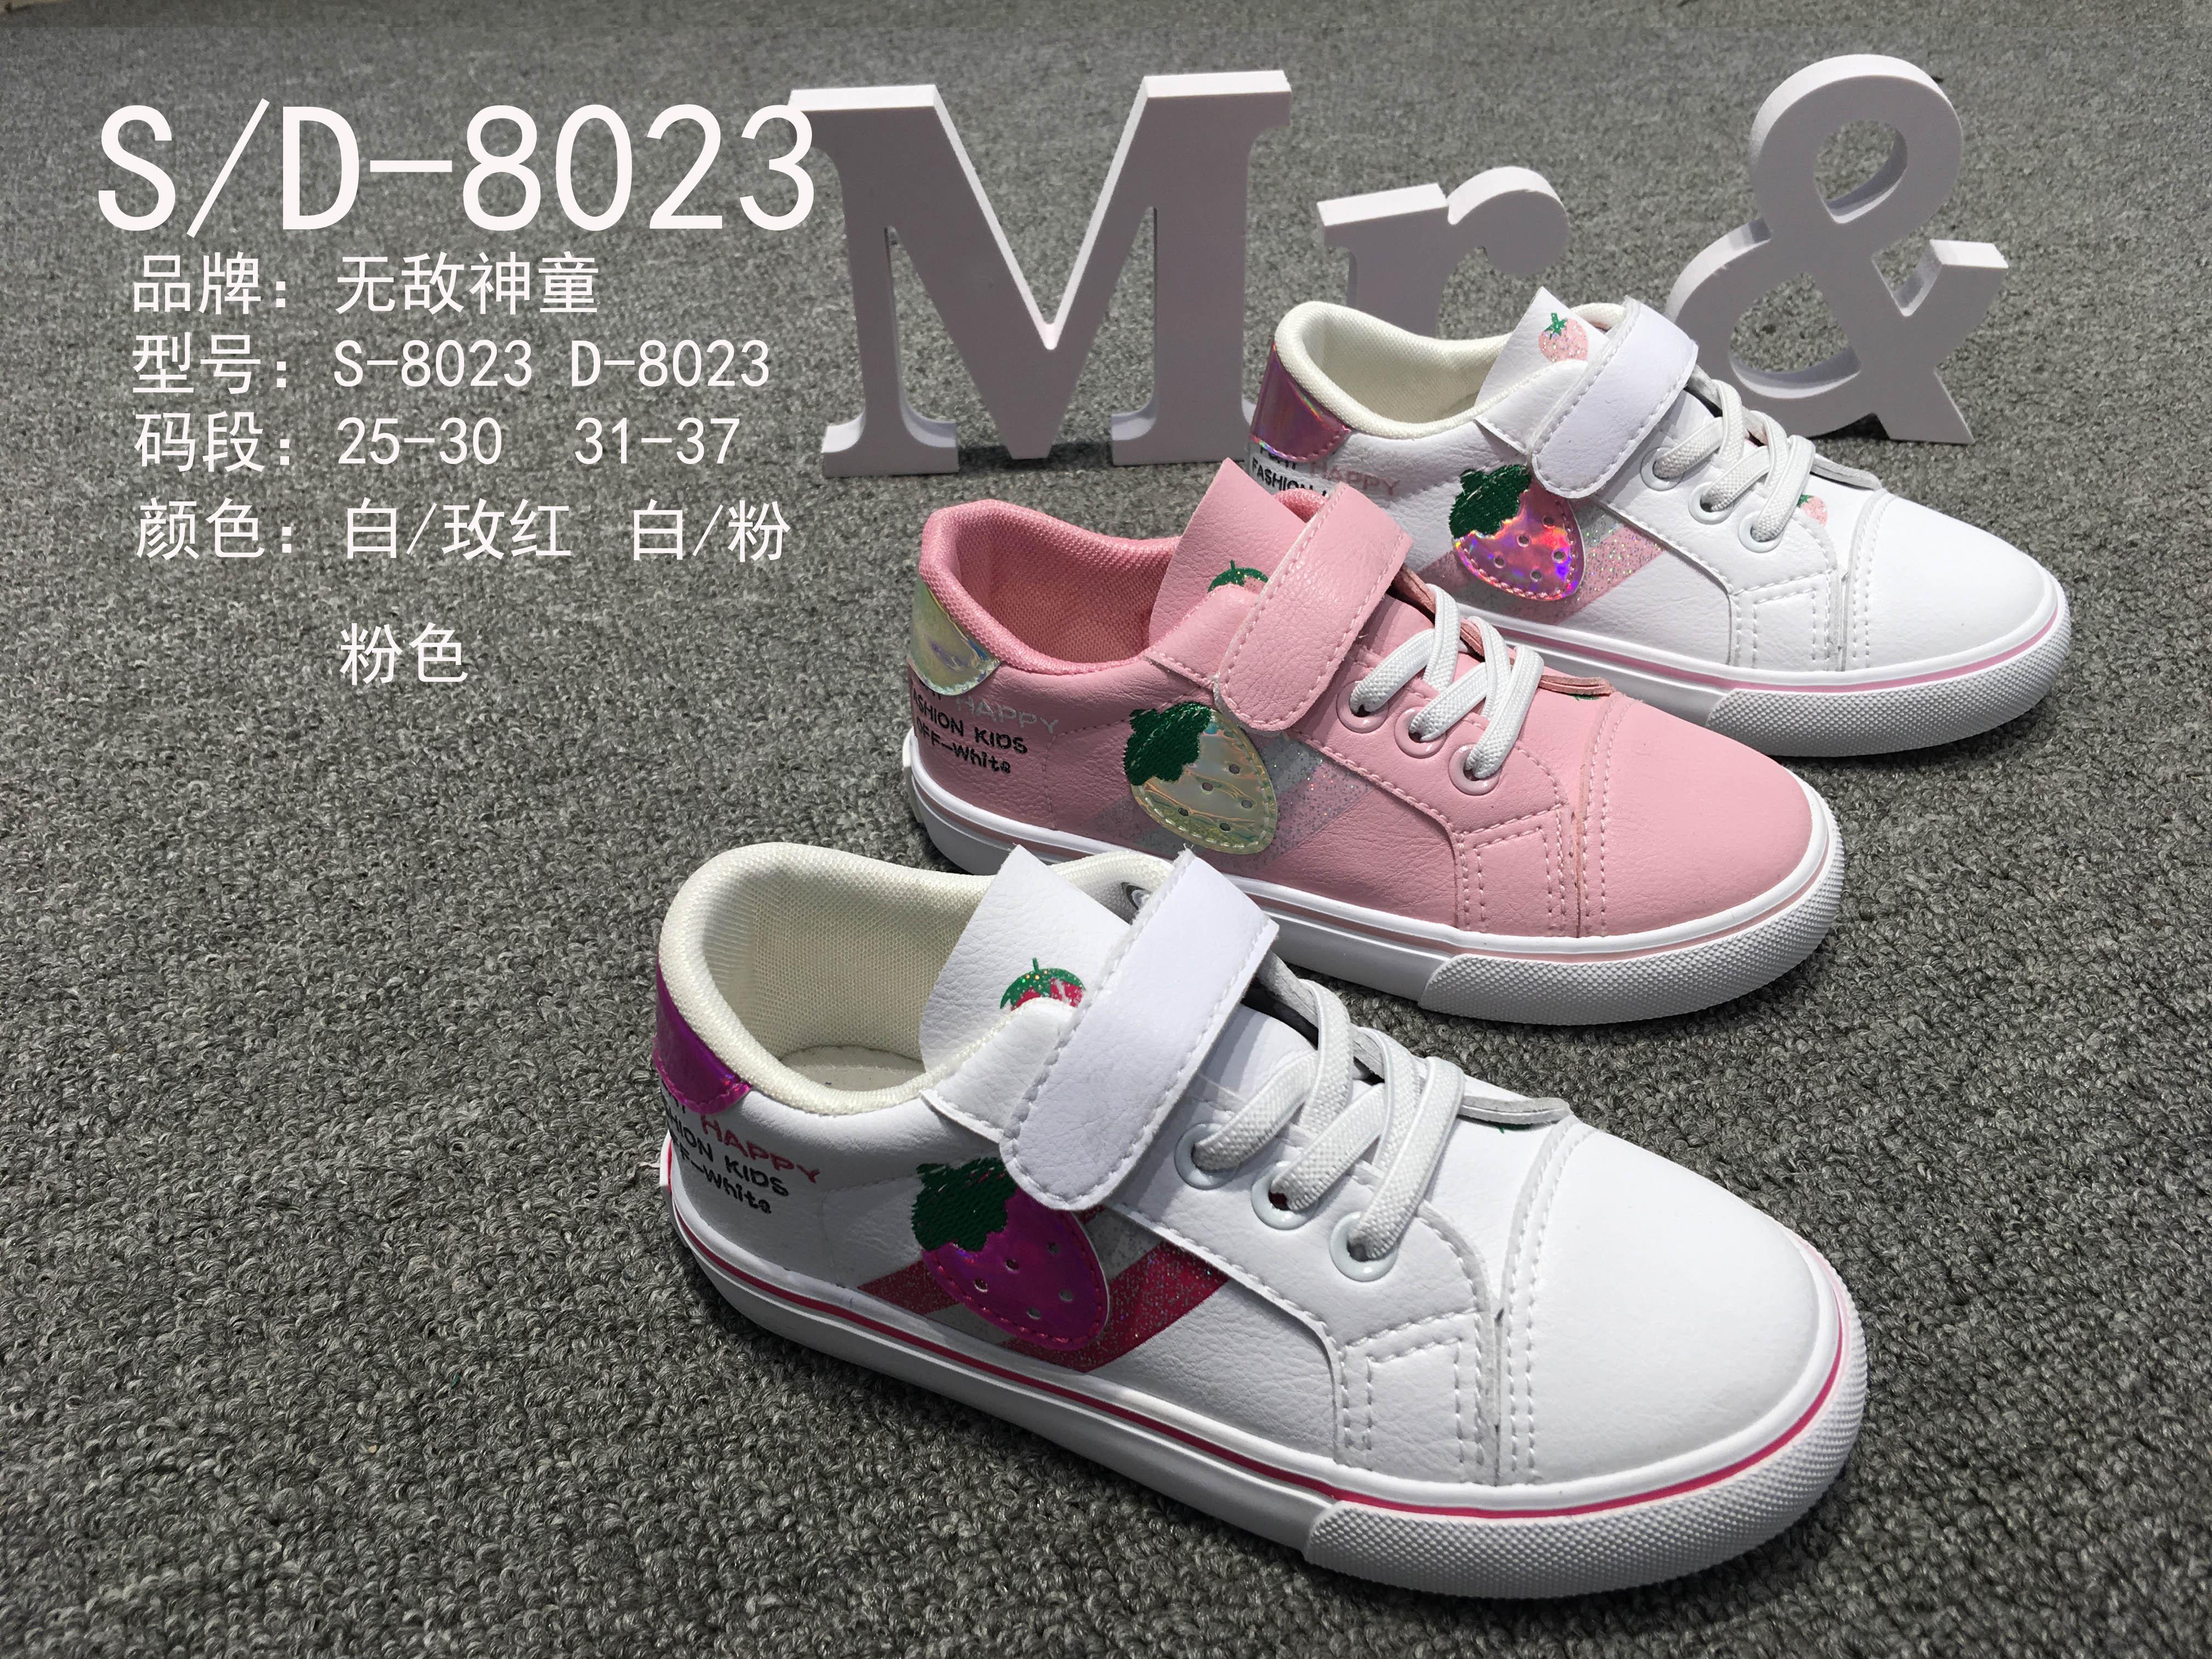 S-D-8023